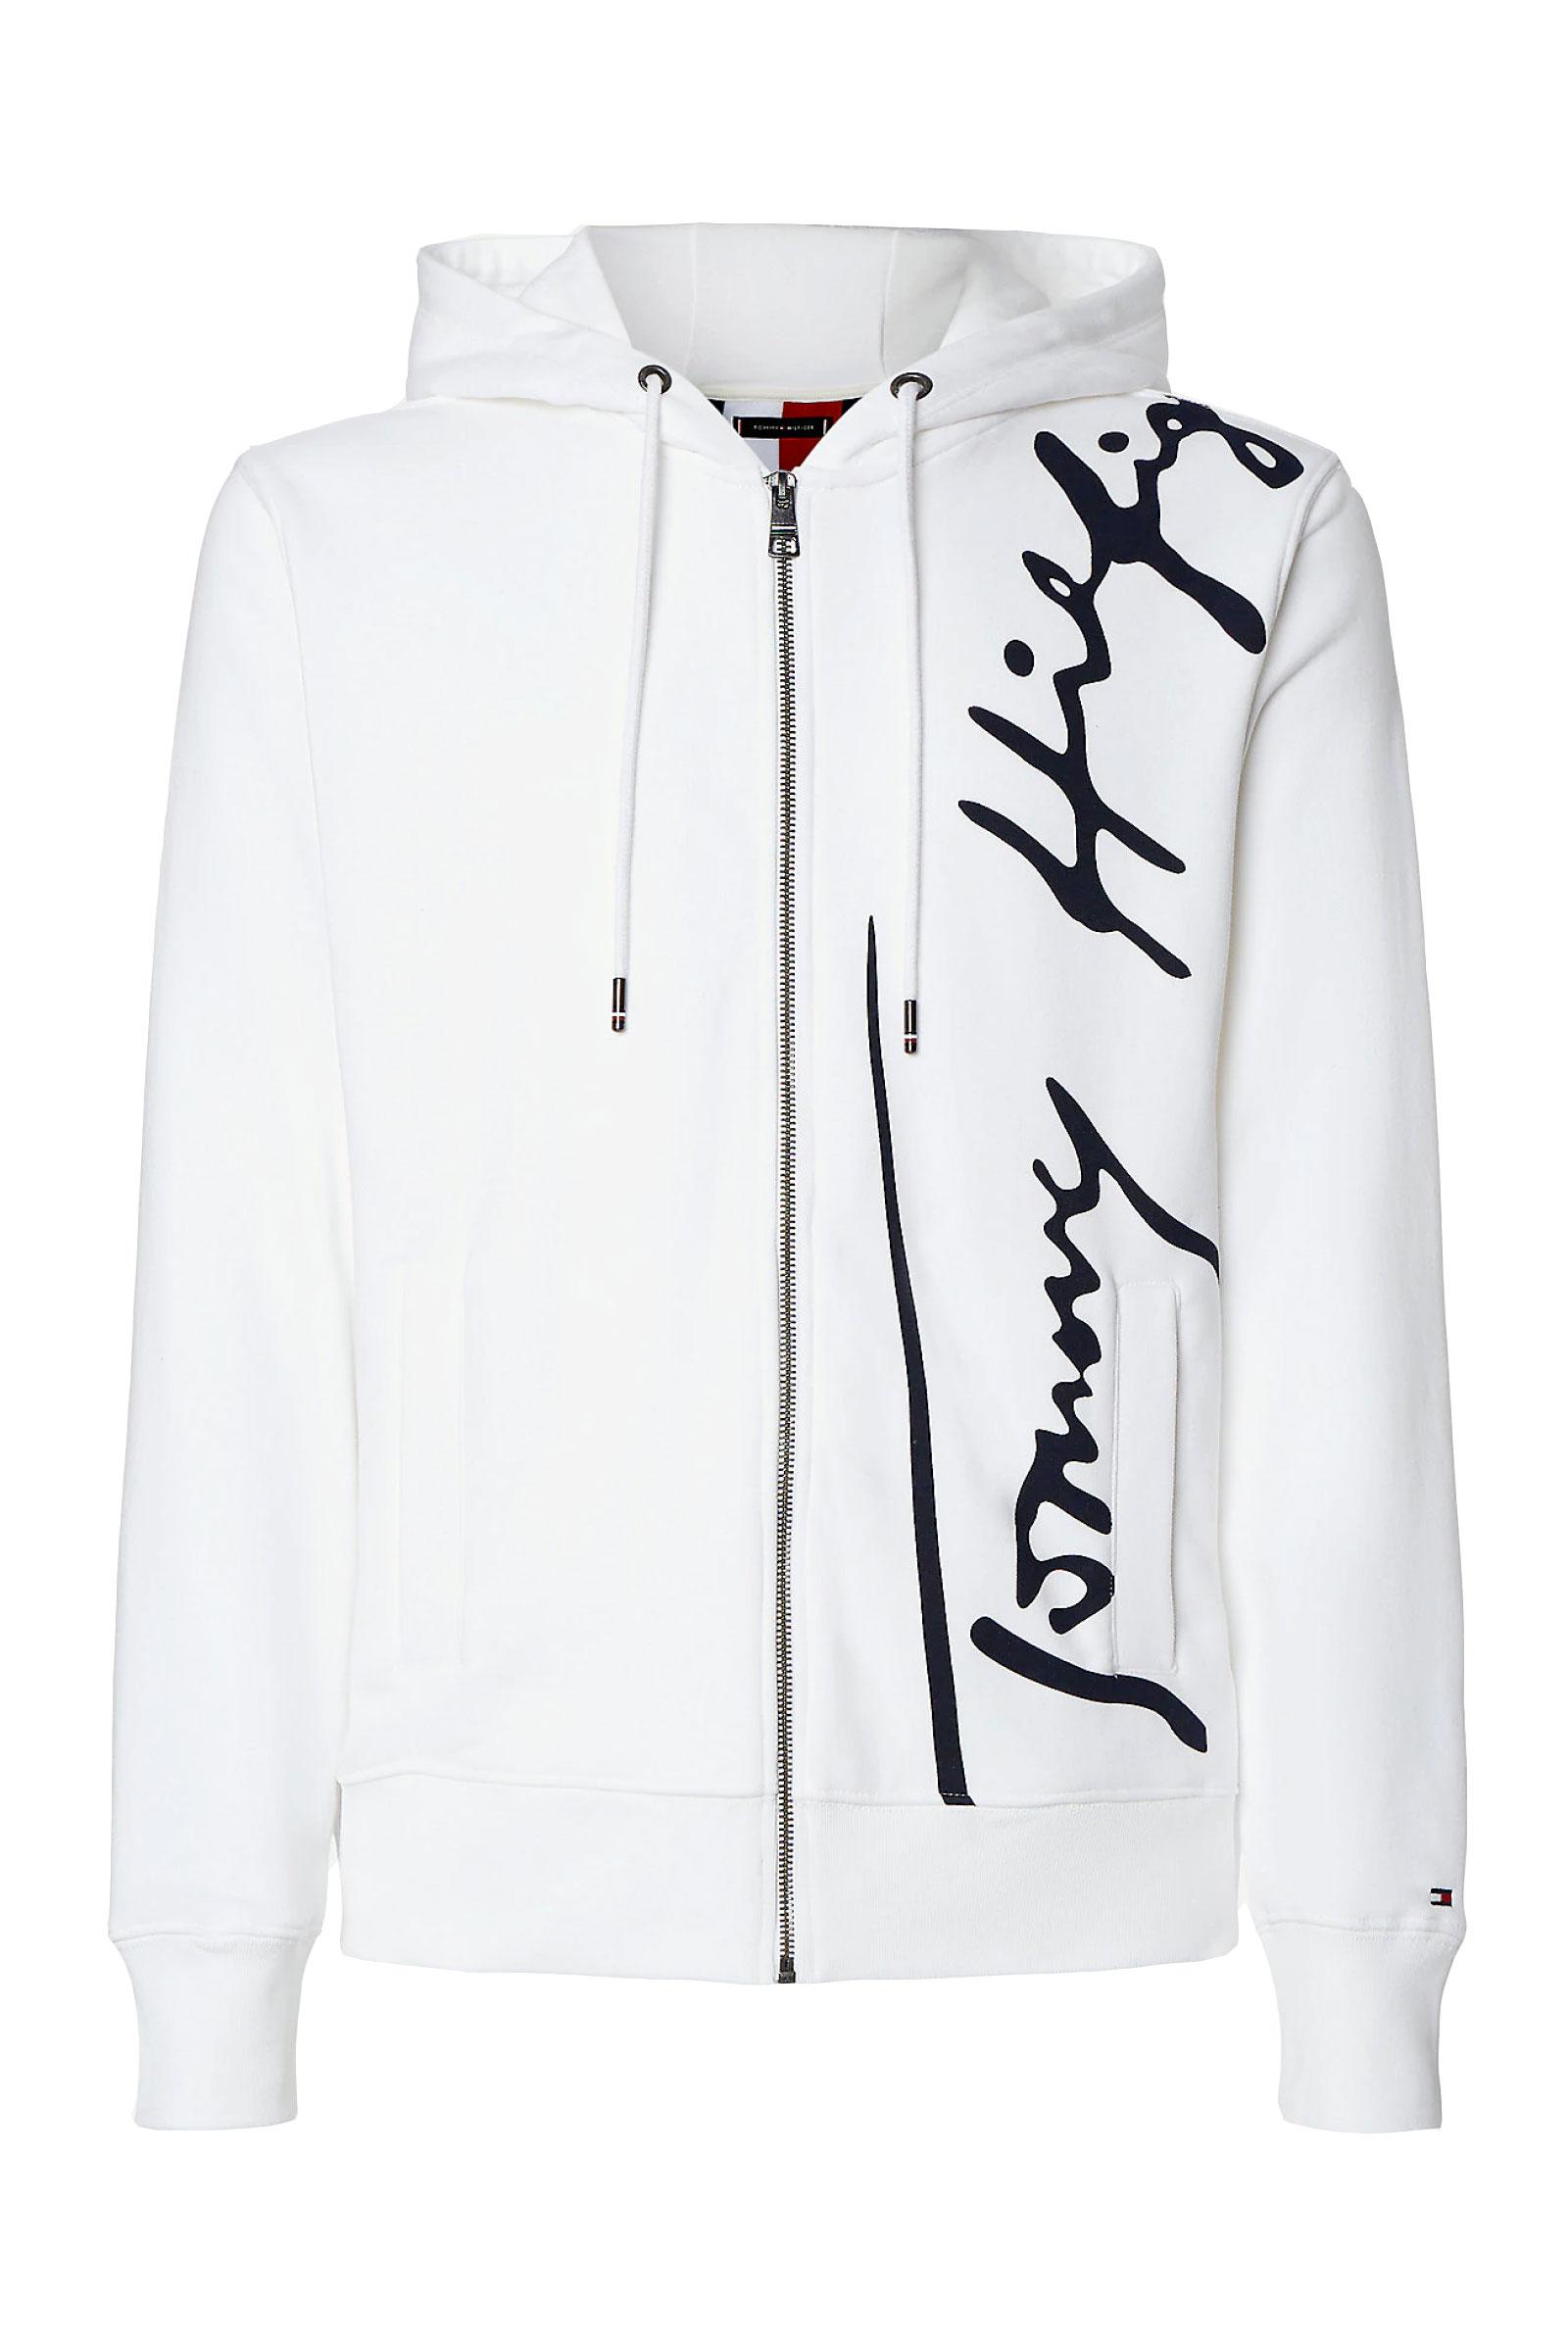 TOMMY HILFIGER Men's Sweatshirt TOMMY HILFIGER | Sweatshirt | MW0MW14446YBR